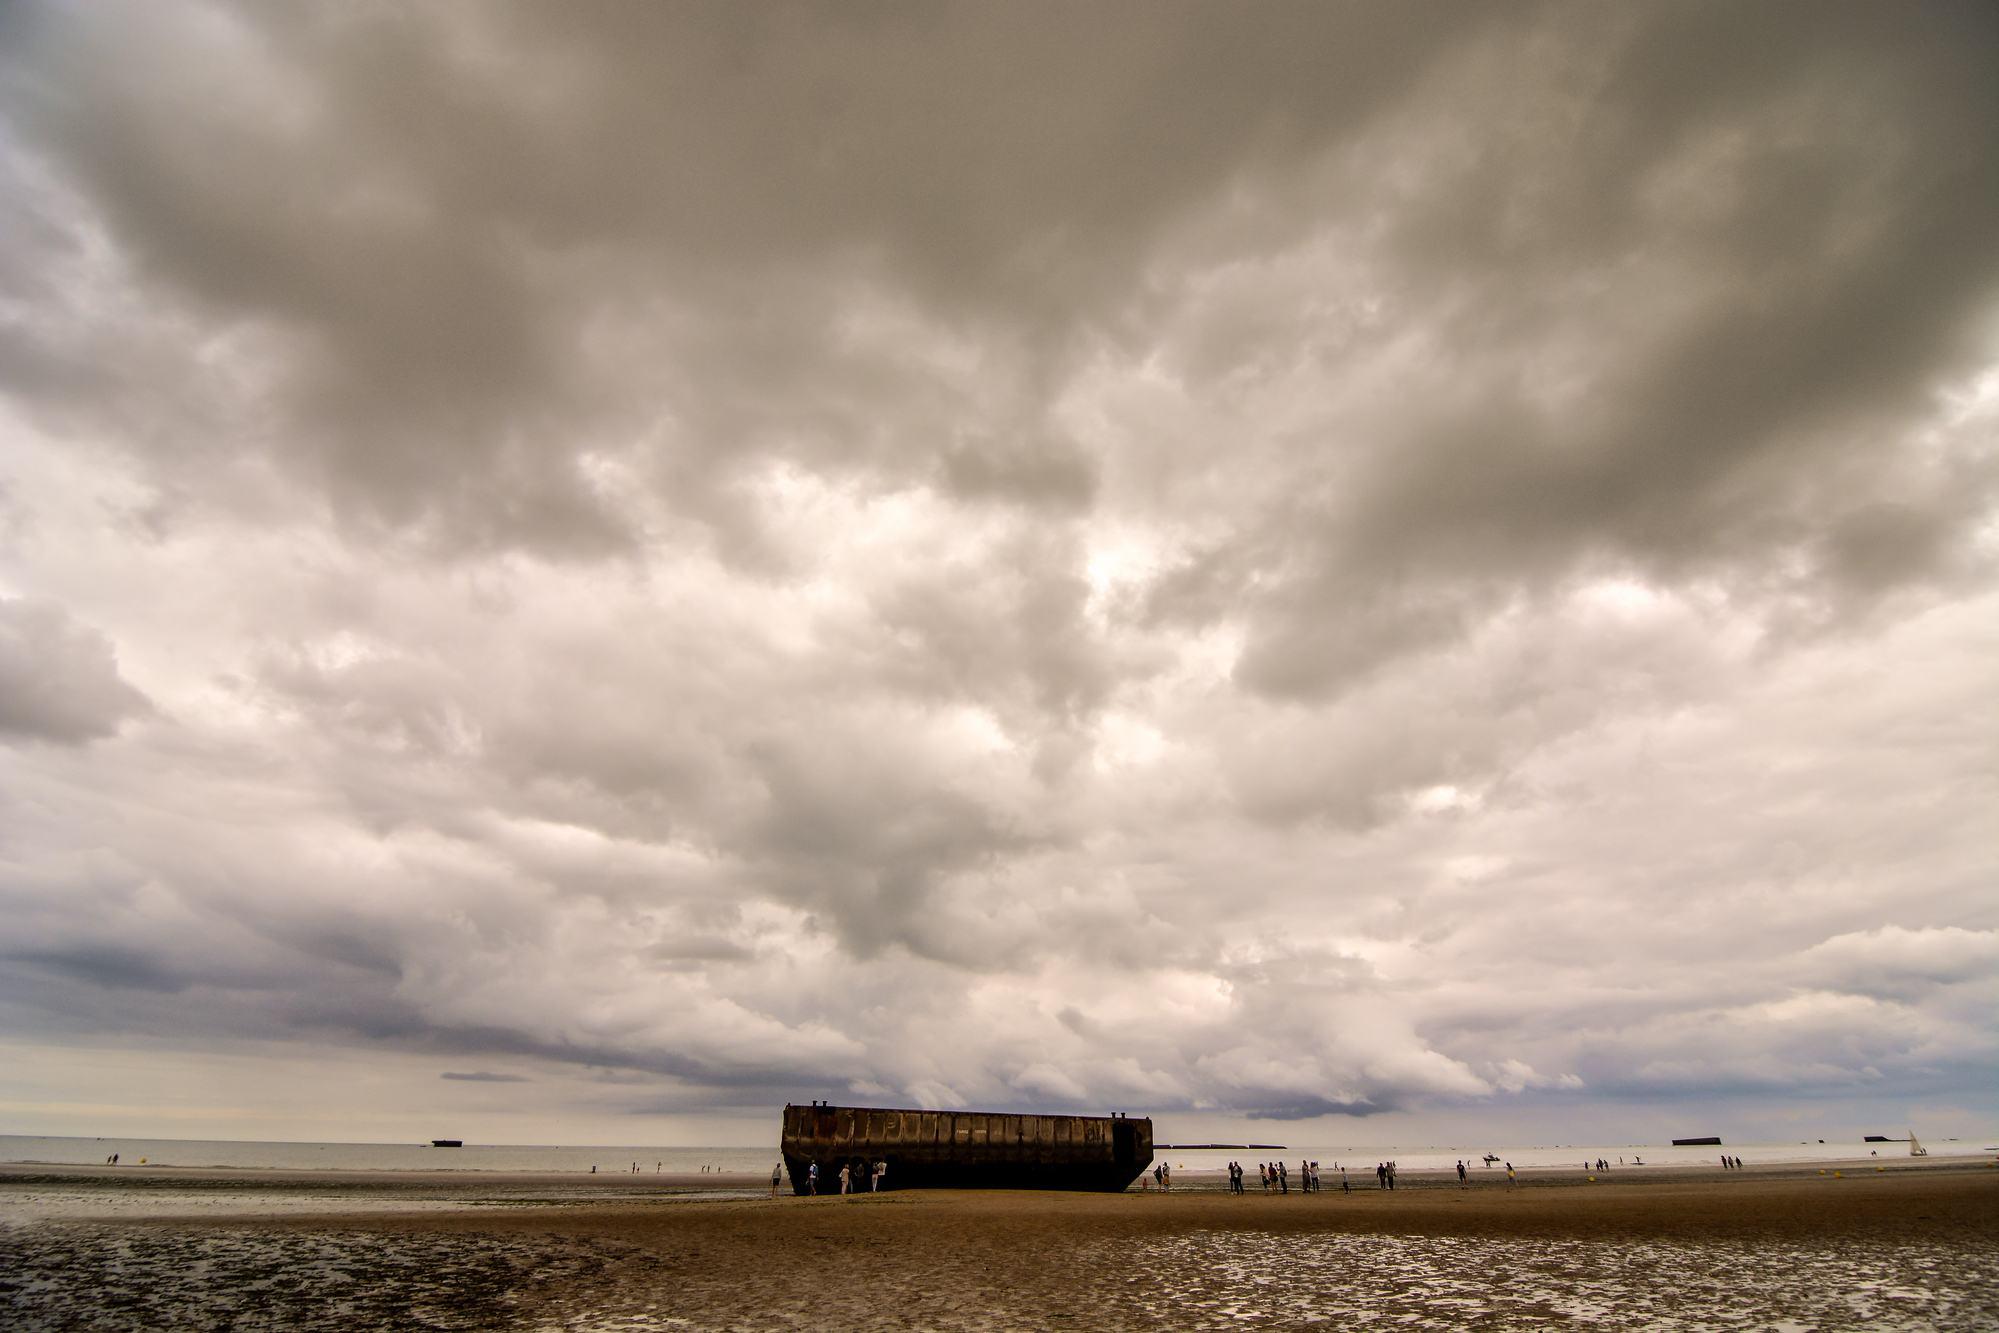 Normandy D-Day landing beach